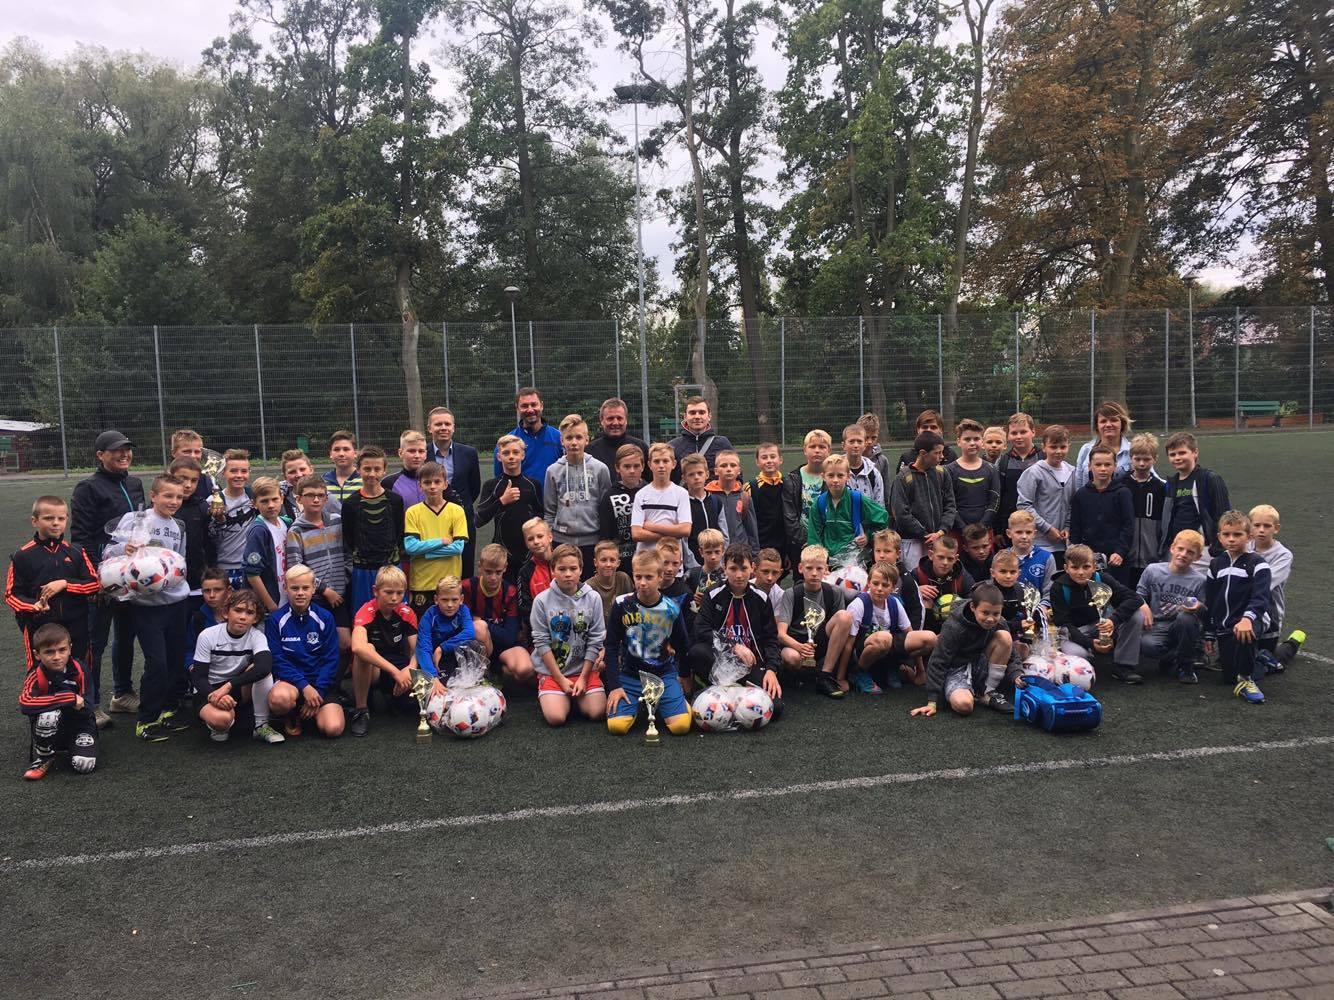 IV turniej piłkarski szkół podstawowych